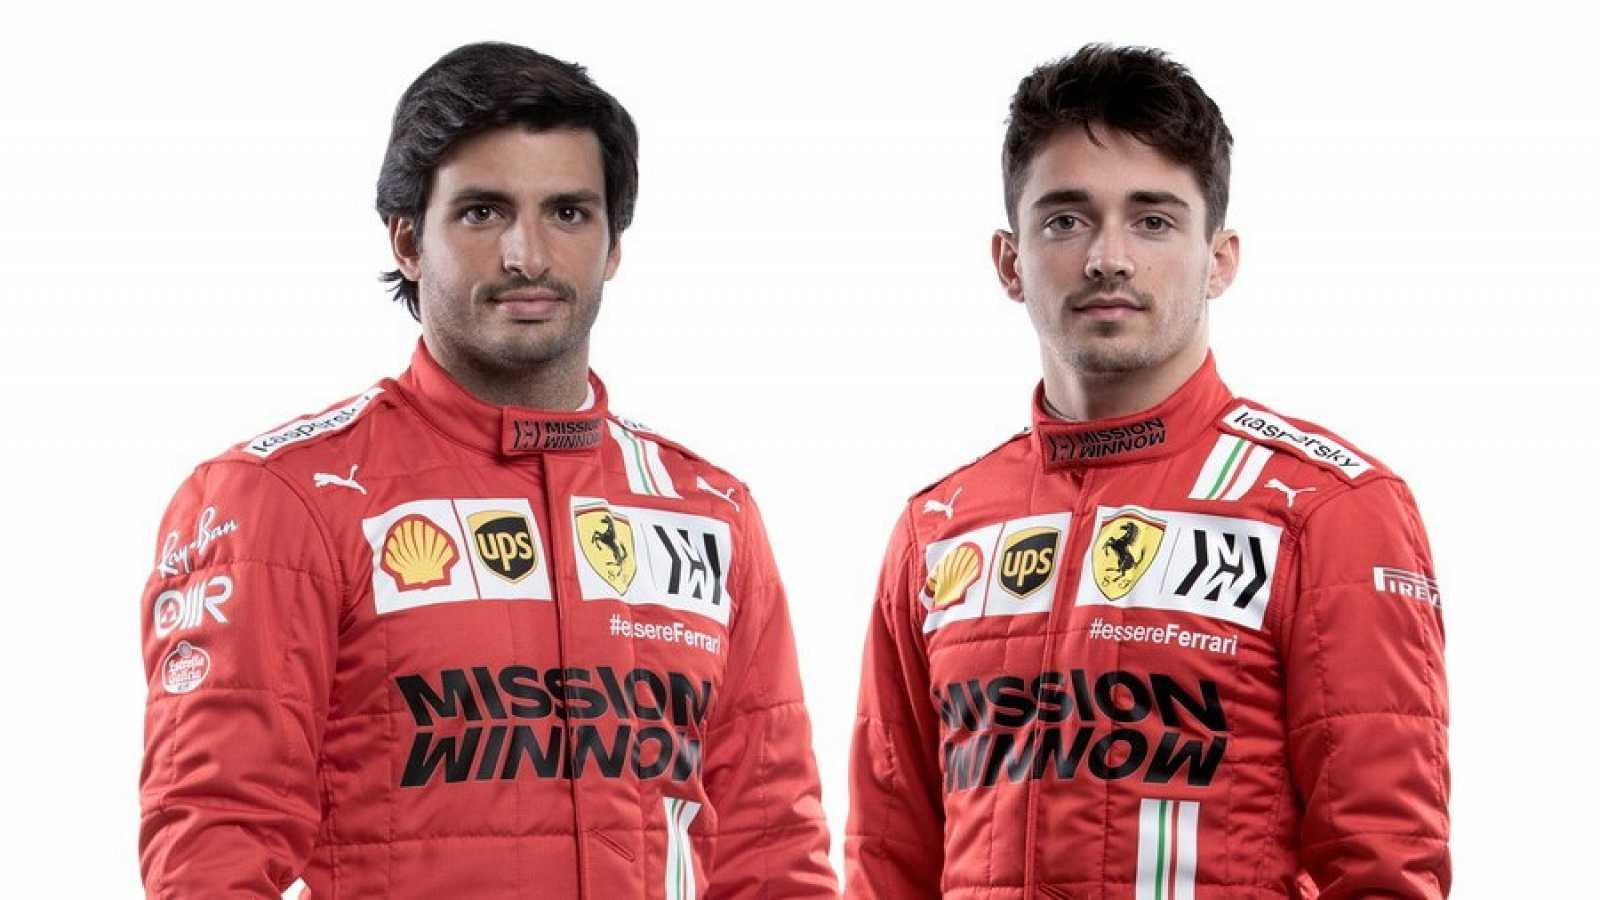 Carlos Sainz ya viste de rojo Ferrari